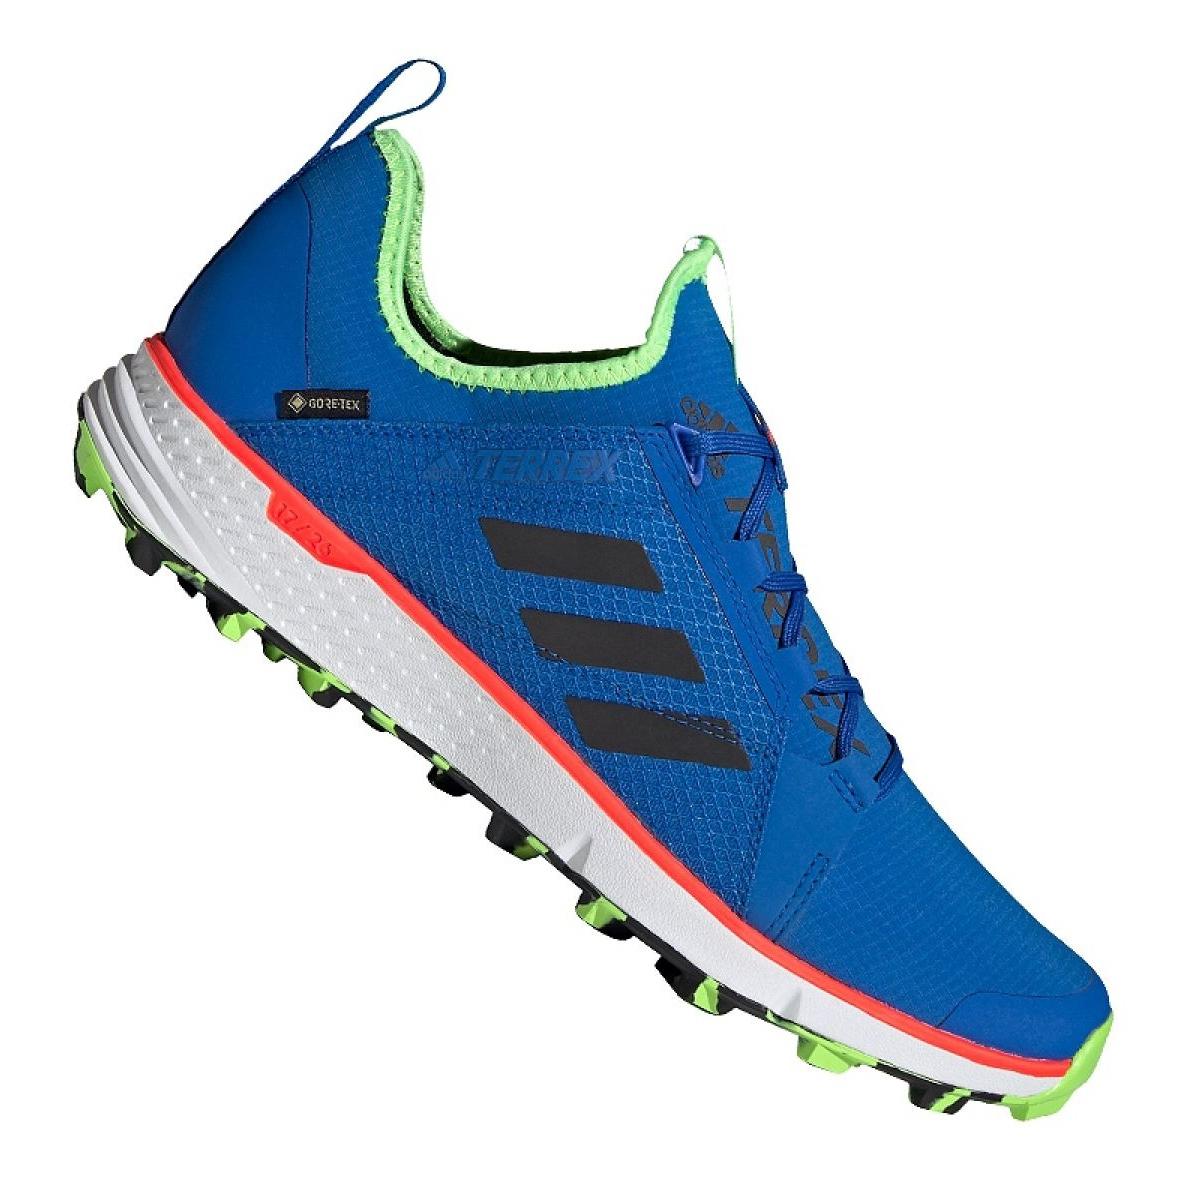 Adidas Terrex Speed Gtx M EH2287